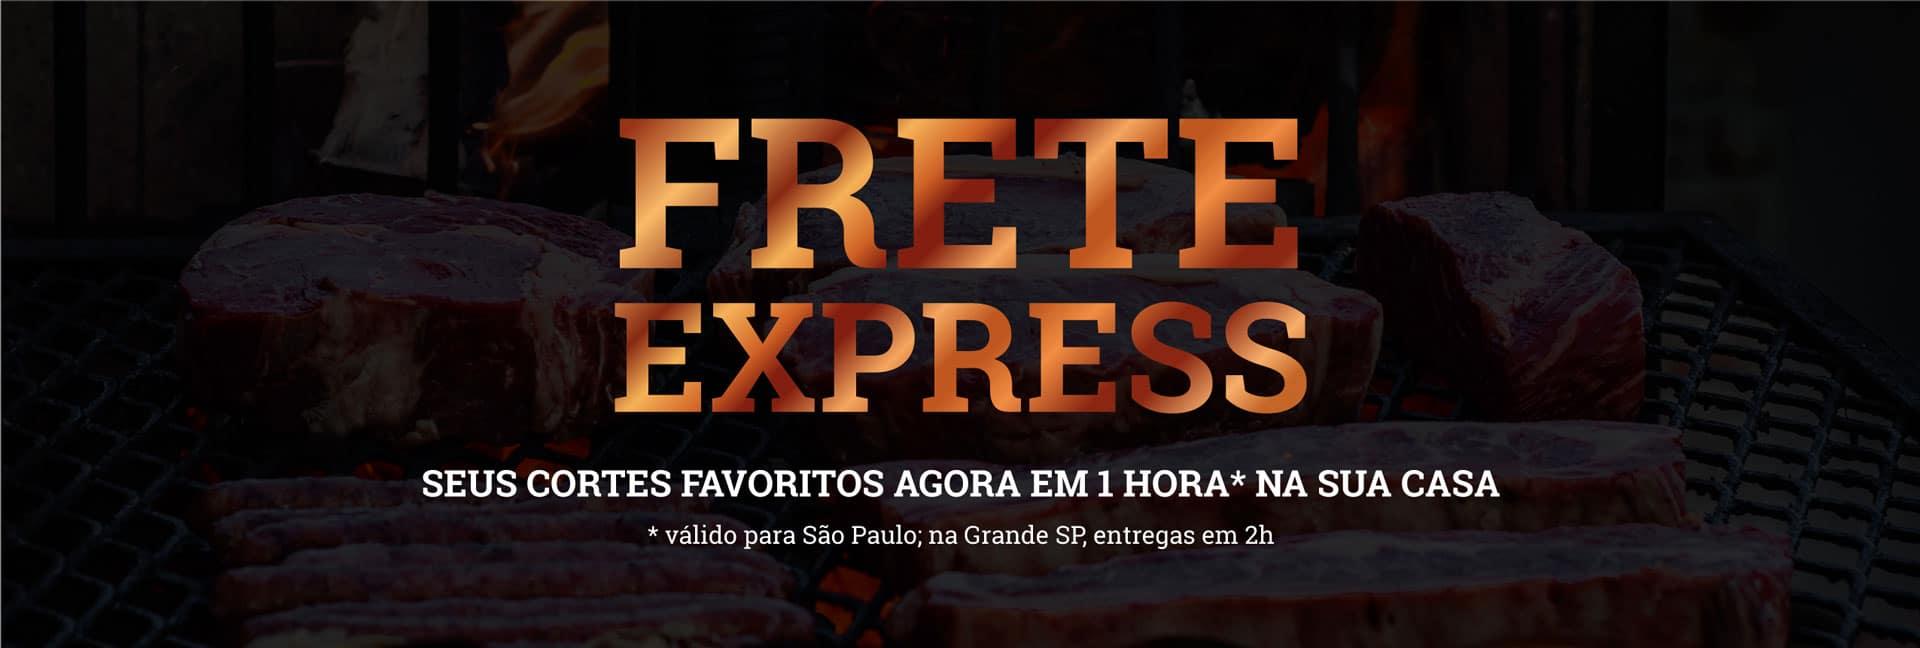 frete express